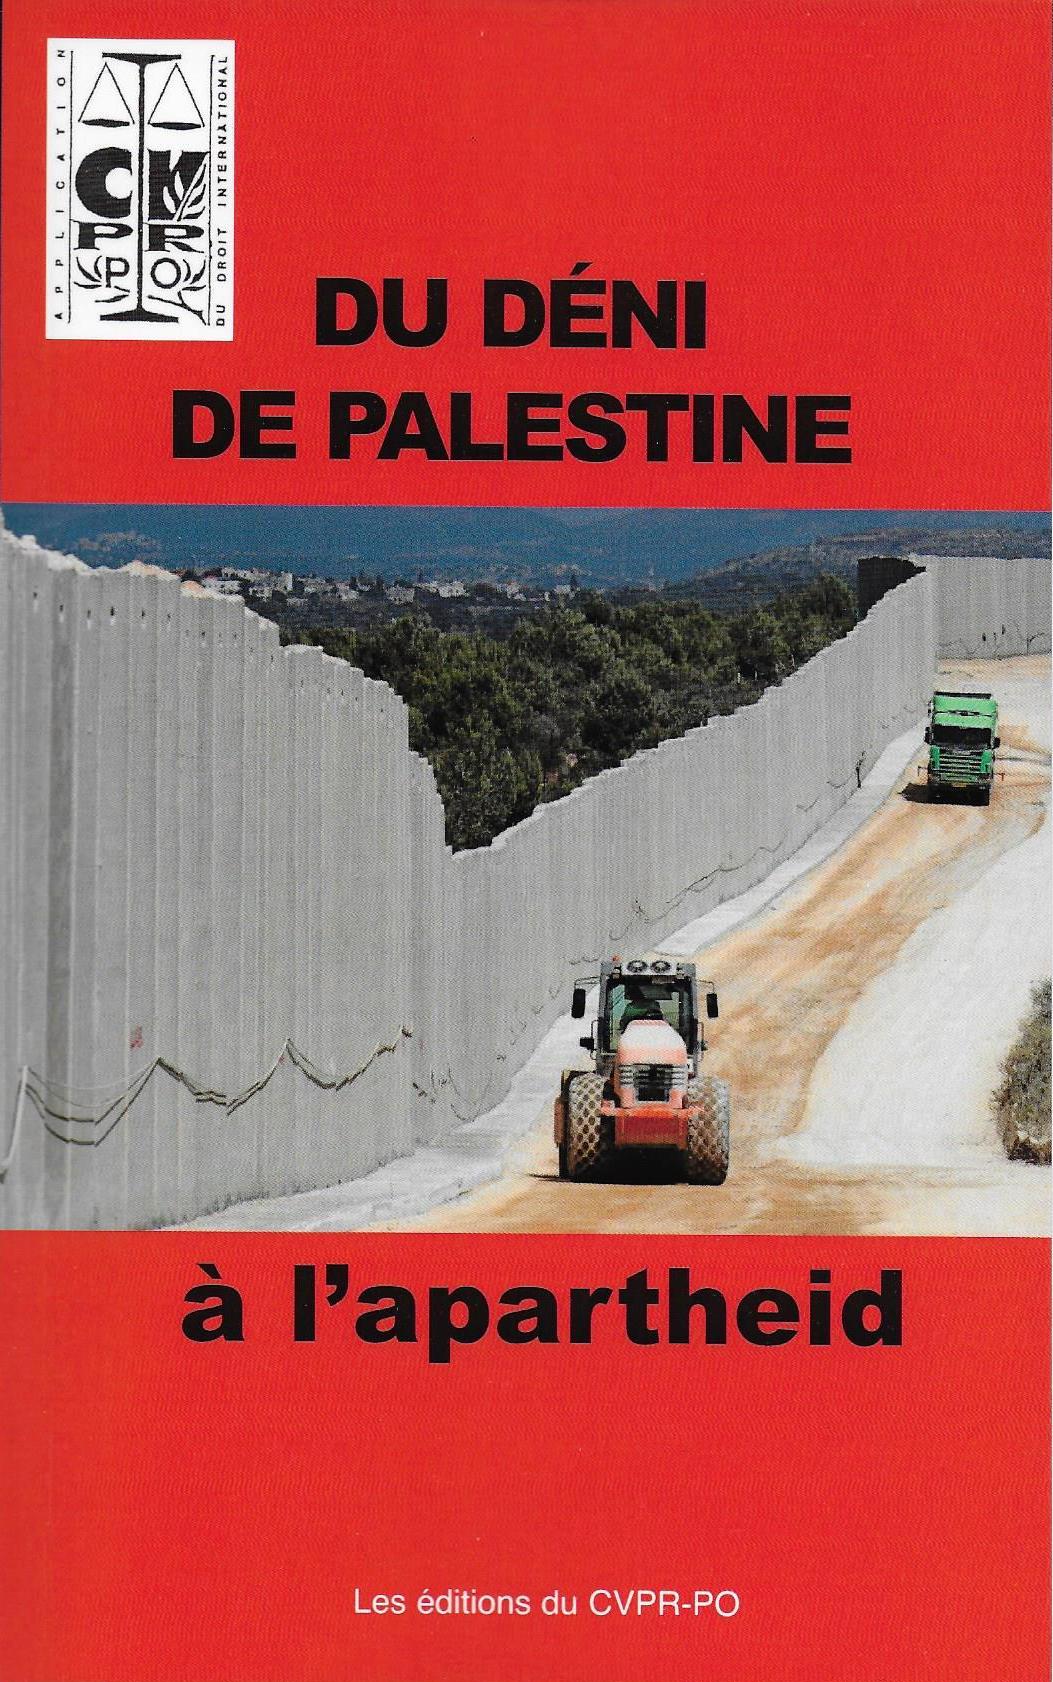 CVPR-PO Actes colloque 10 18